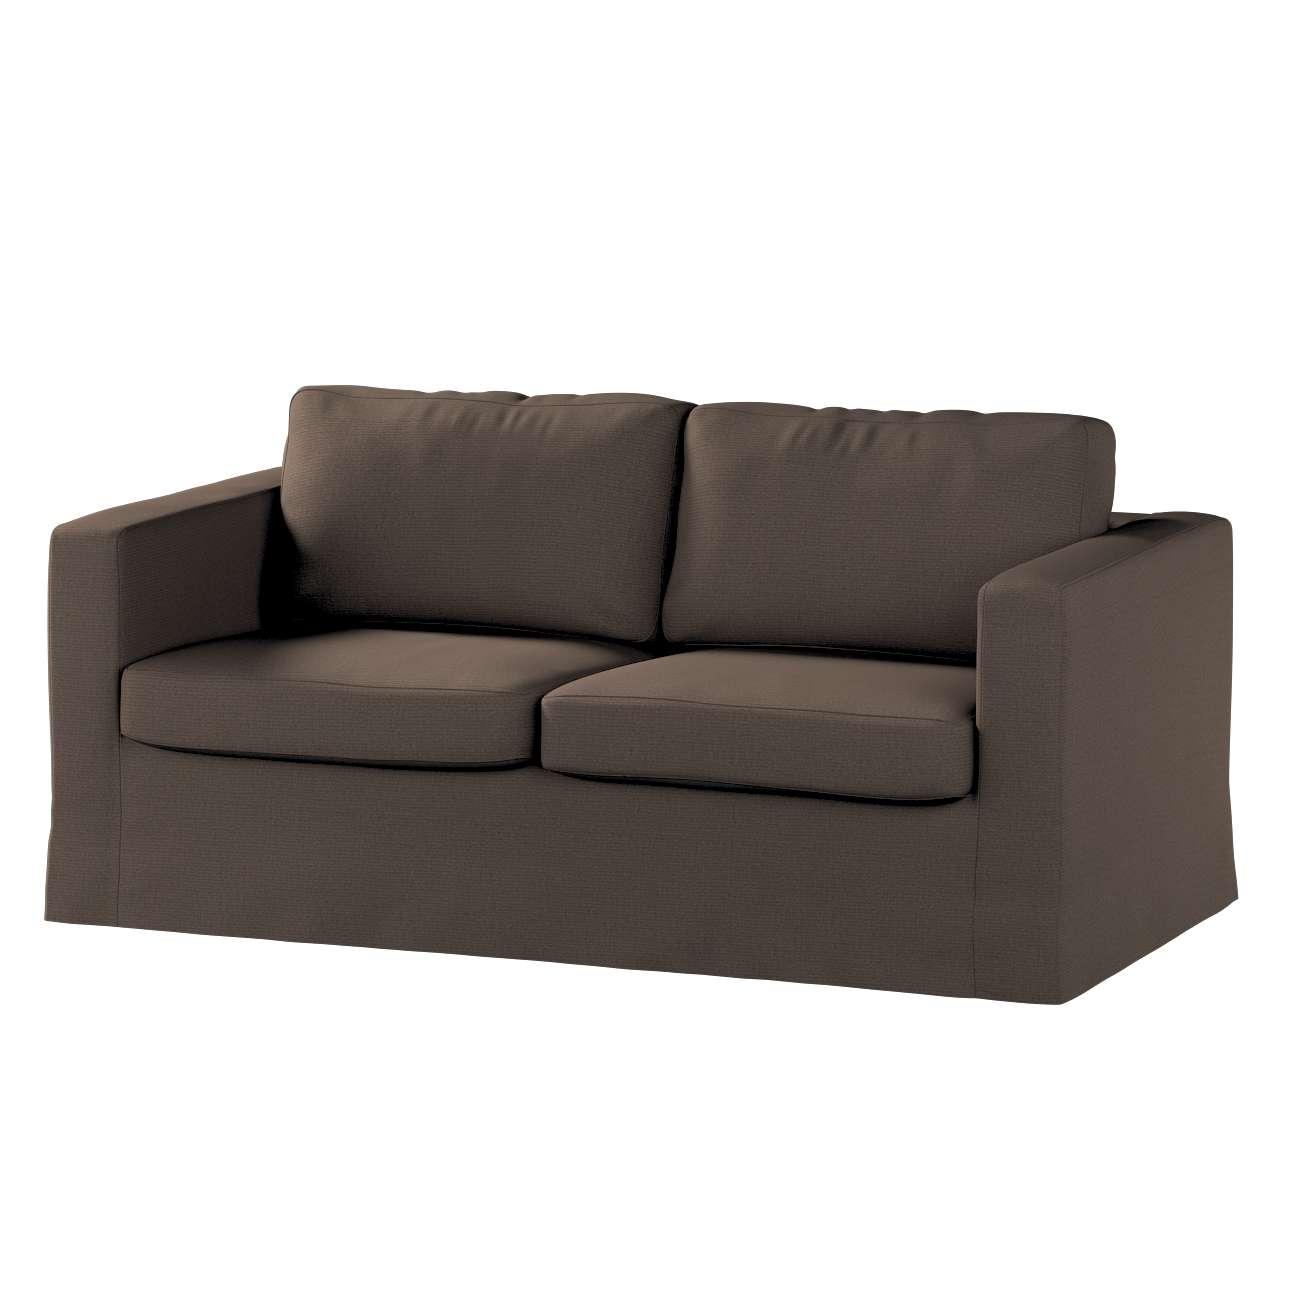 Pokrowiec na sofę Karlstad 2-osobową nierozkładaną długi Sofa Karlstad 2-osobowa w kolekcji Etna , tkanina: 705-08